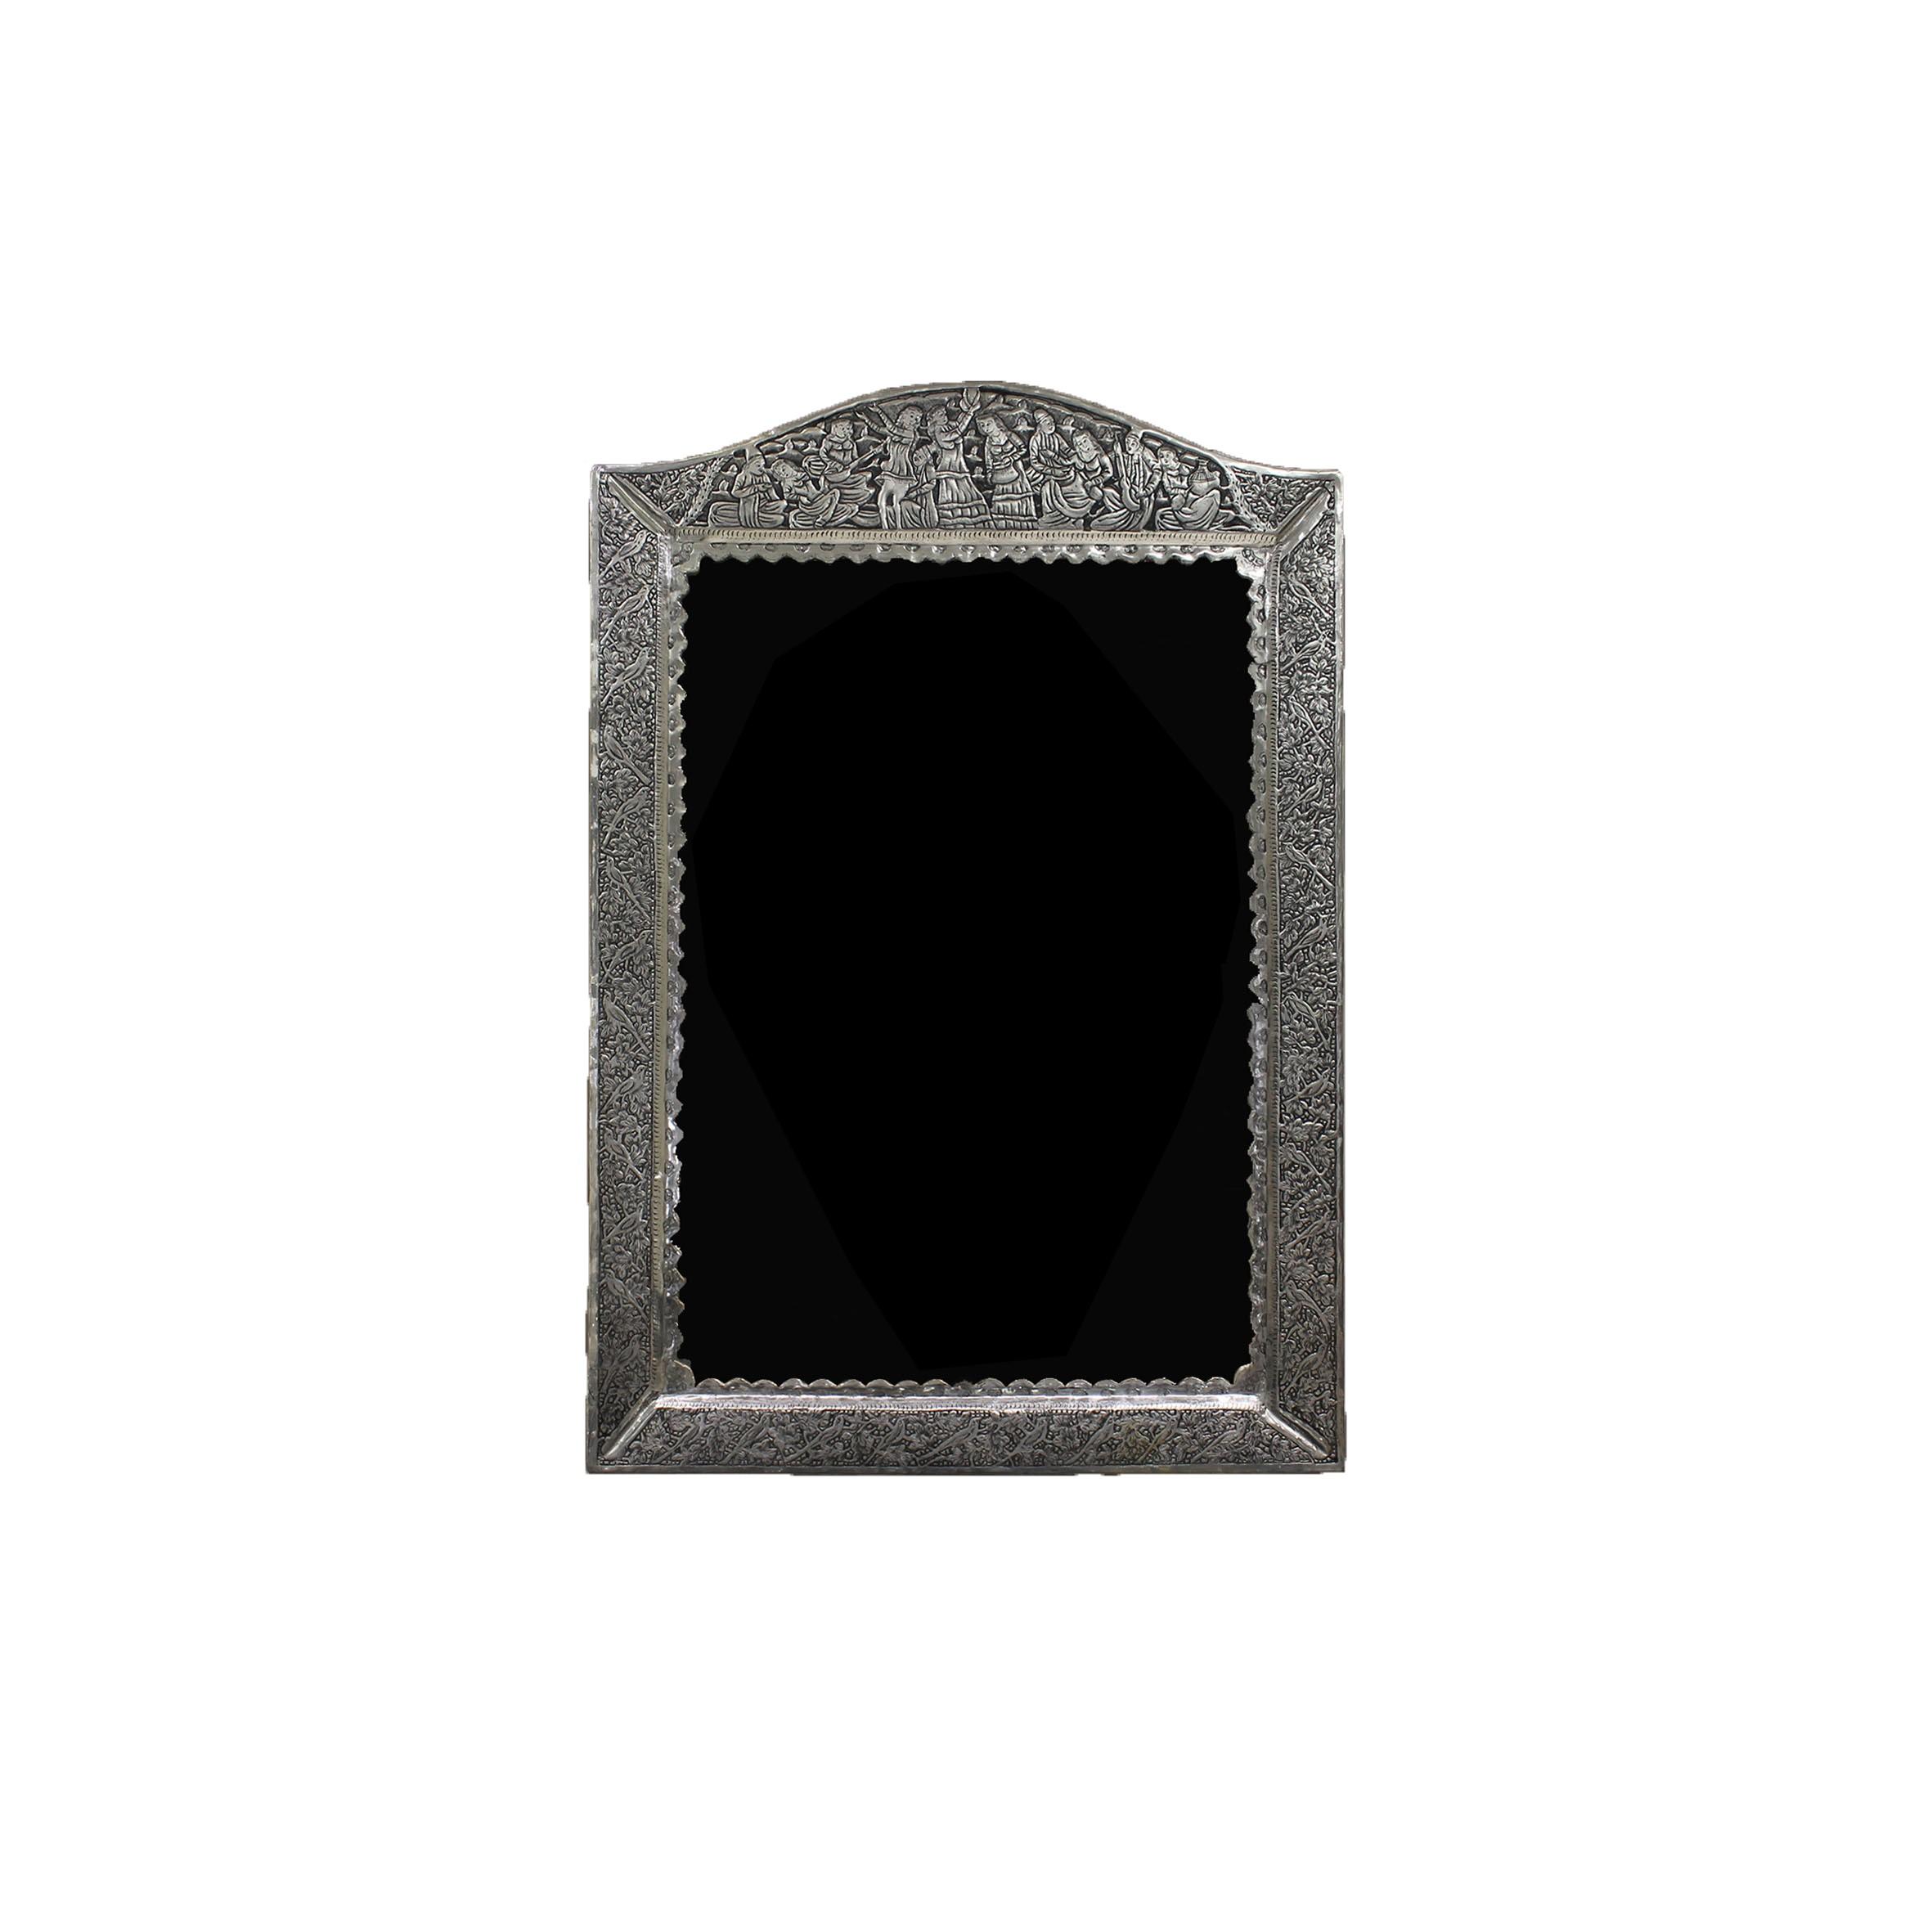 آینه تاج هلالی قلمزنی نقره اهتمام 70096